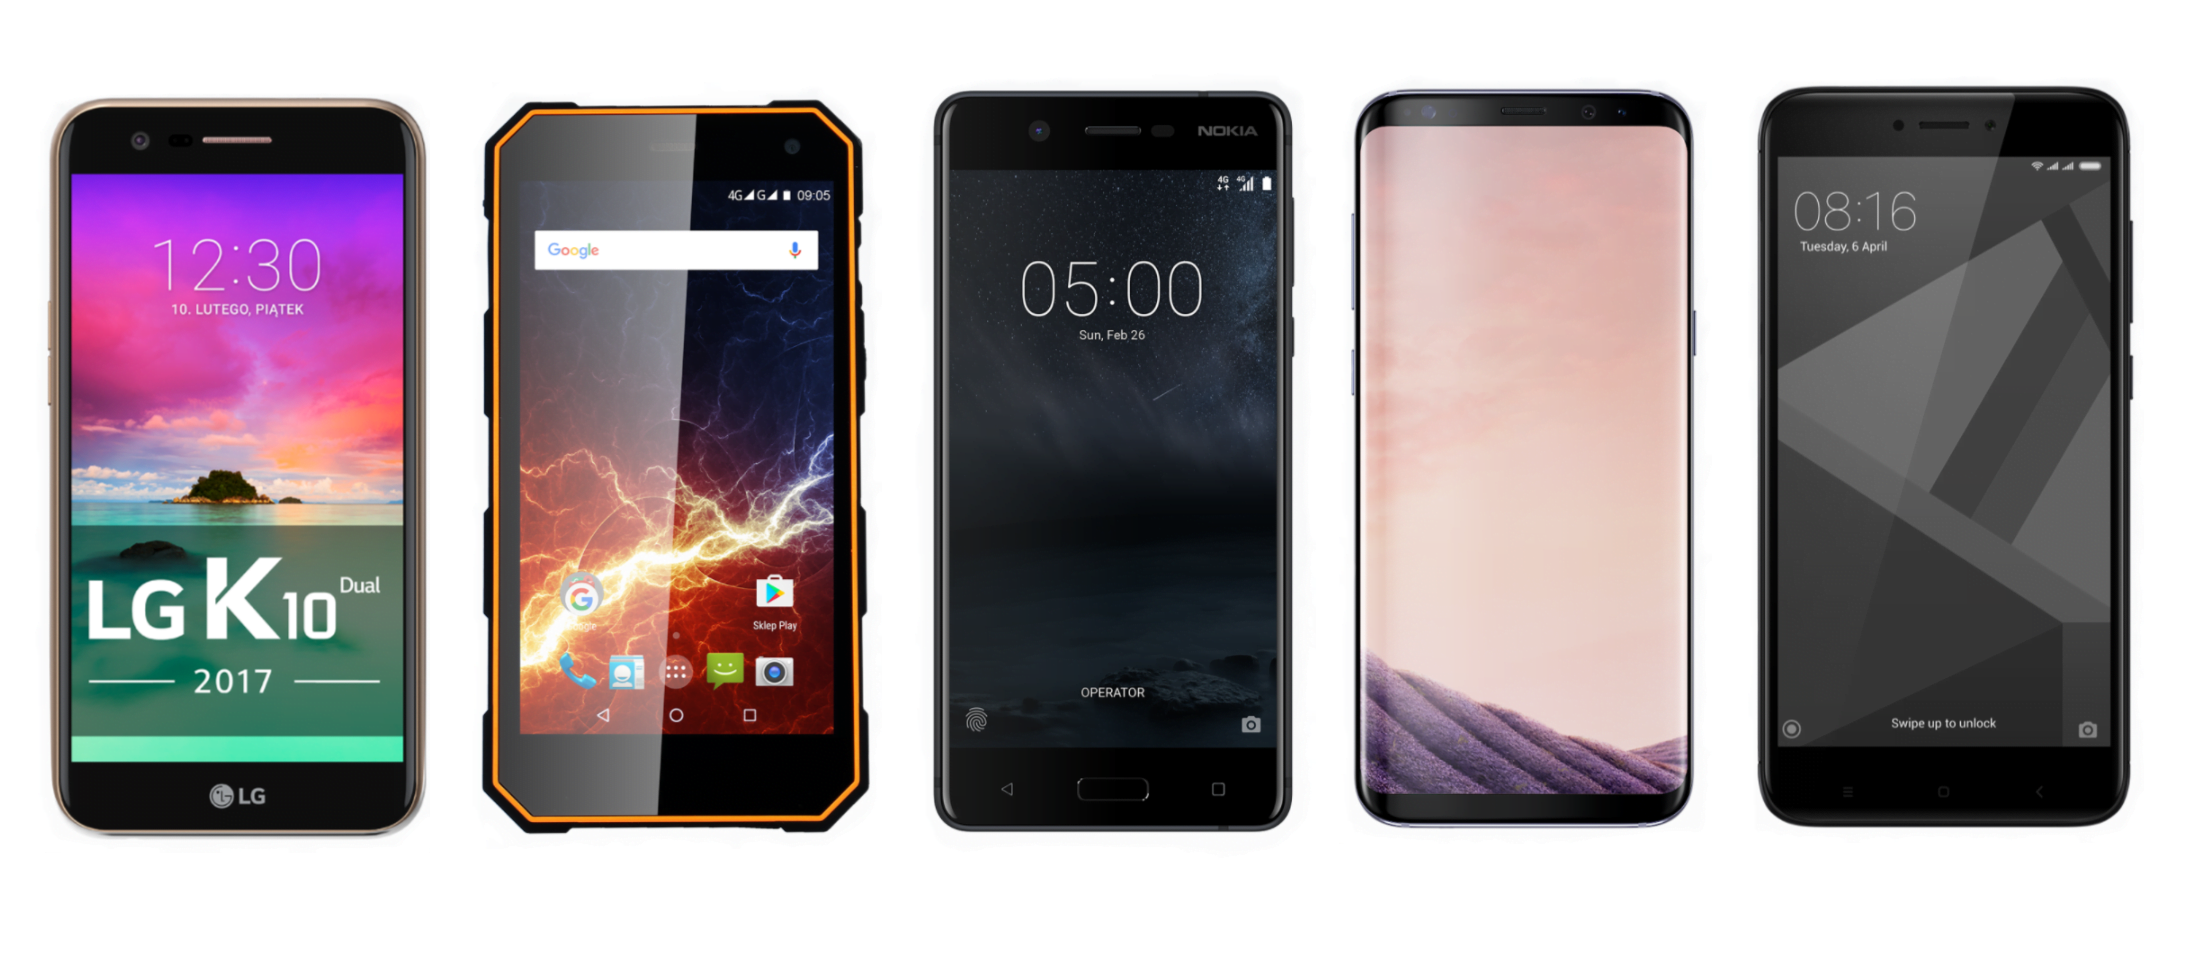 Tabletowo.pl Od teraz kupisz telefon w Play bez abonamentu. Na razie pięć modeli GSM